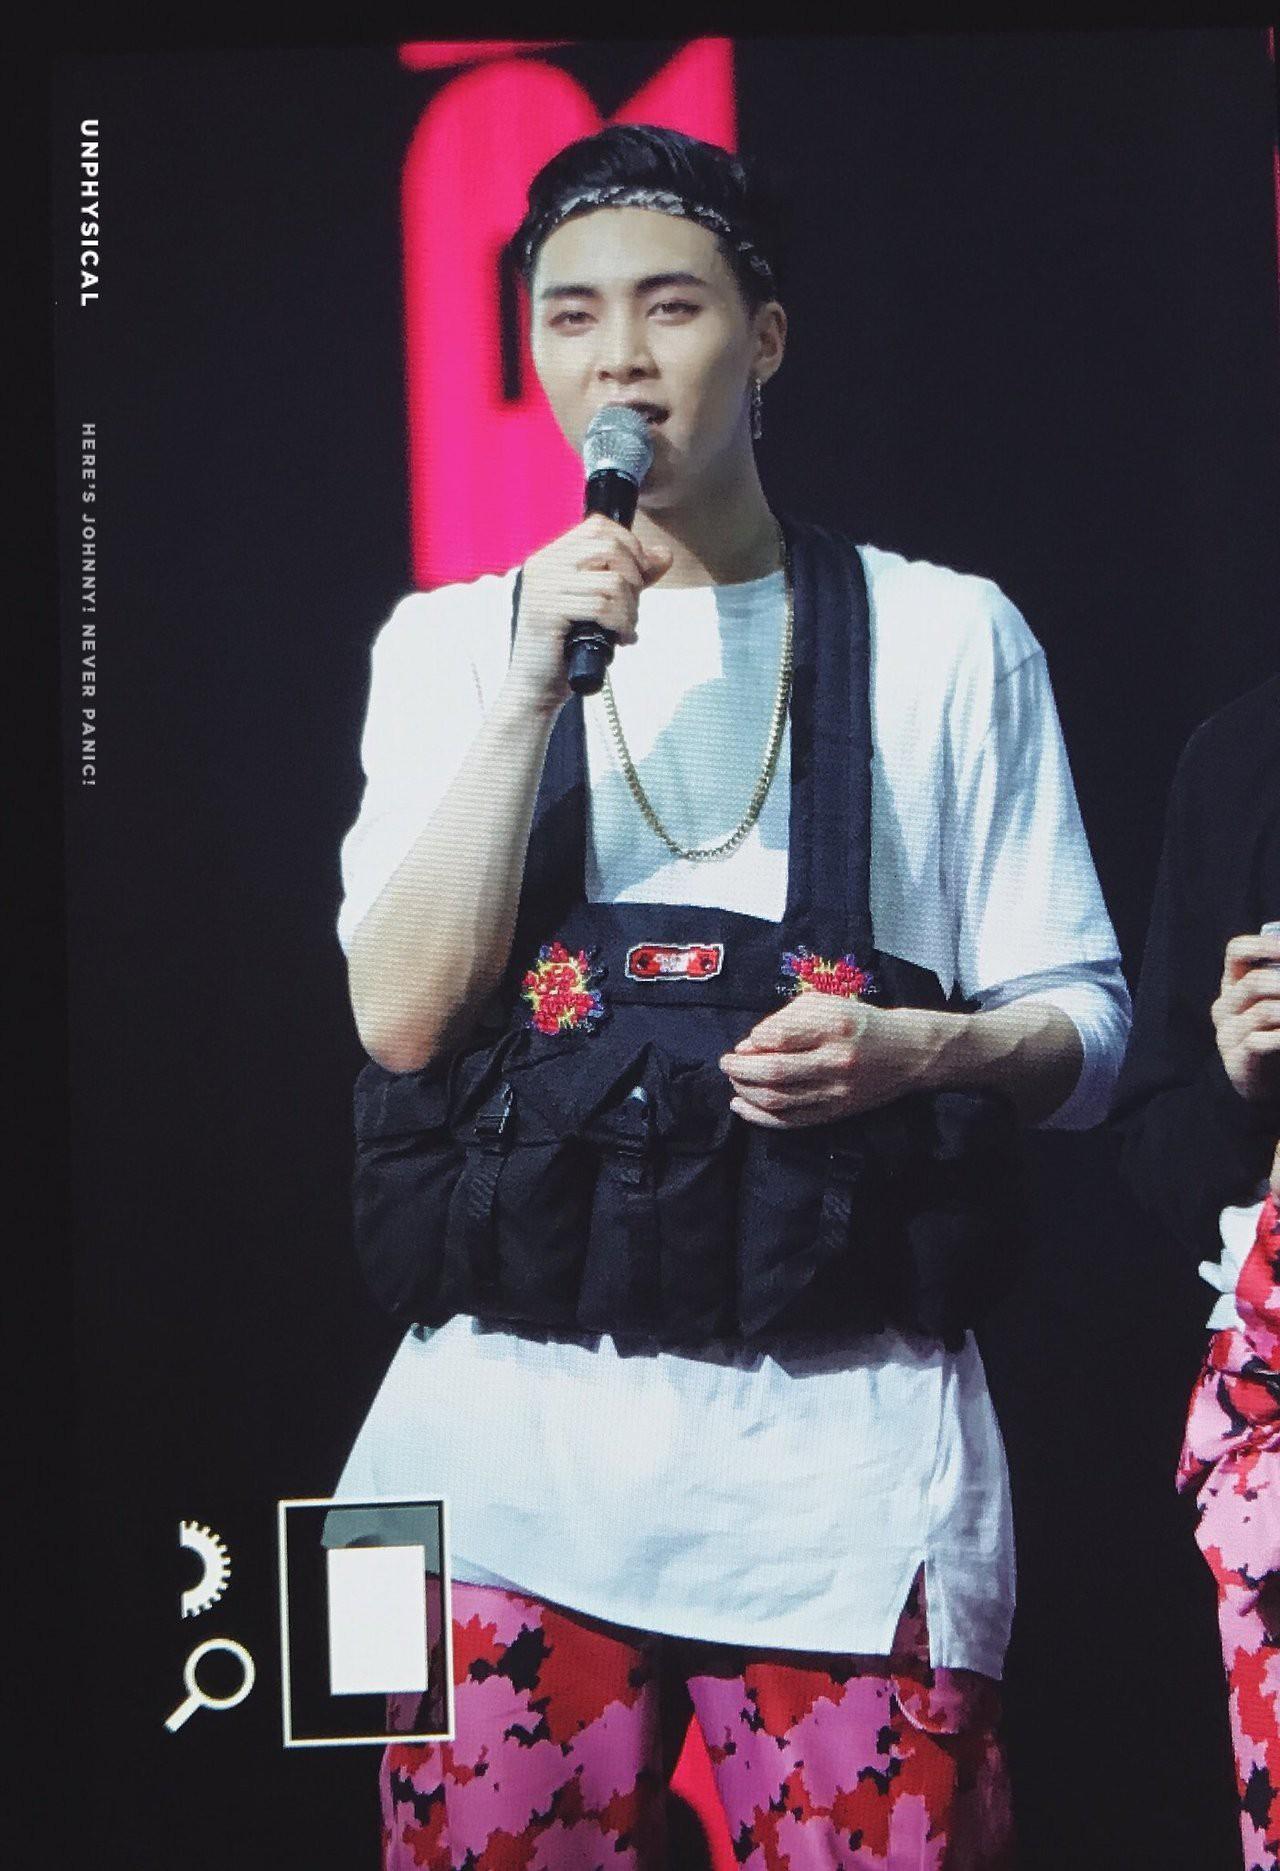 Những trang phục biểu diễn của sao Hàn khiến fan hoang mang: Họ lấy đâu ra dũng khí để mặc như vậy? - Ảnh 12.